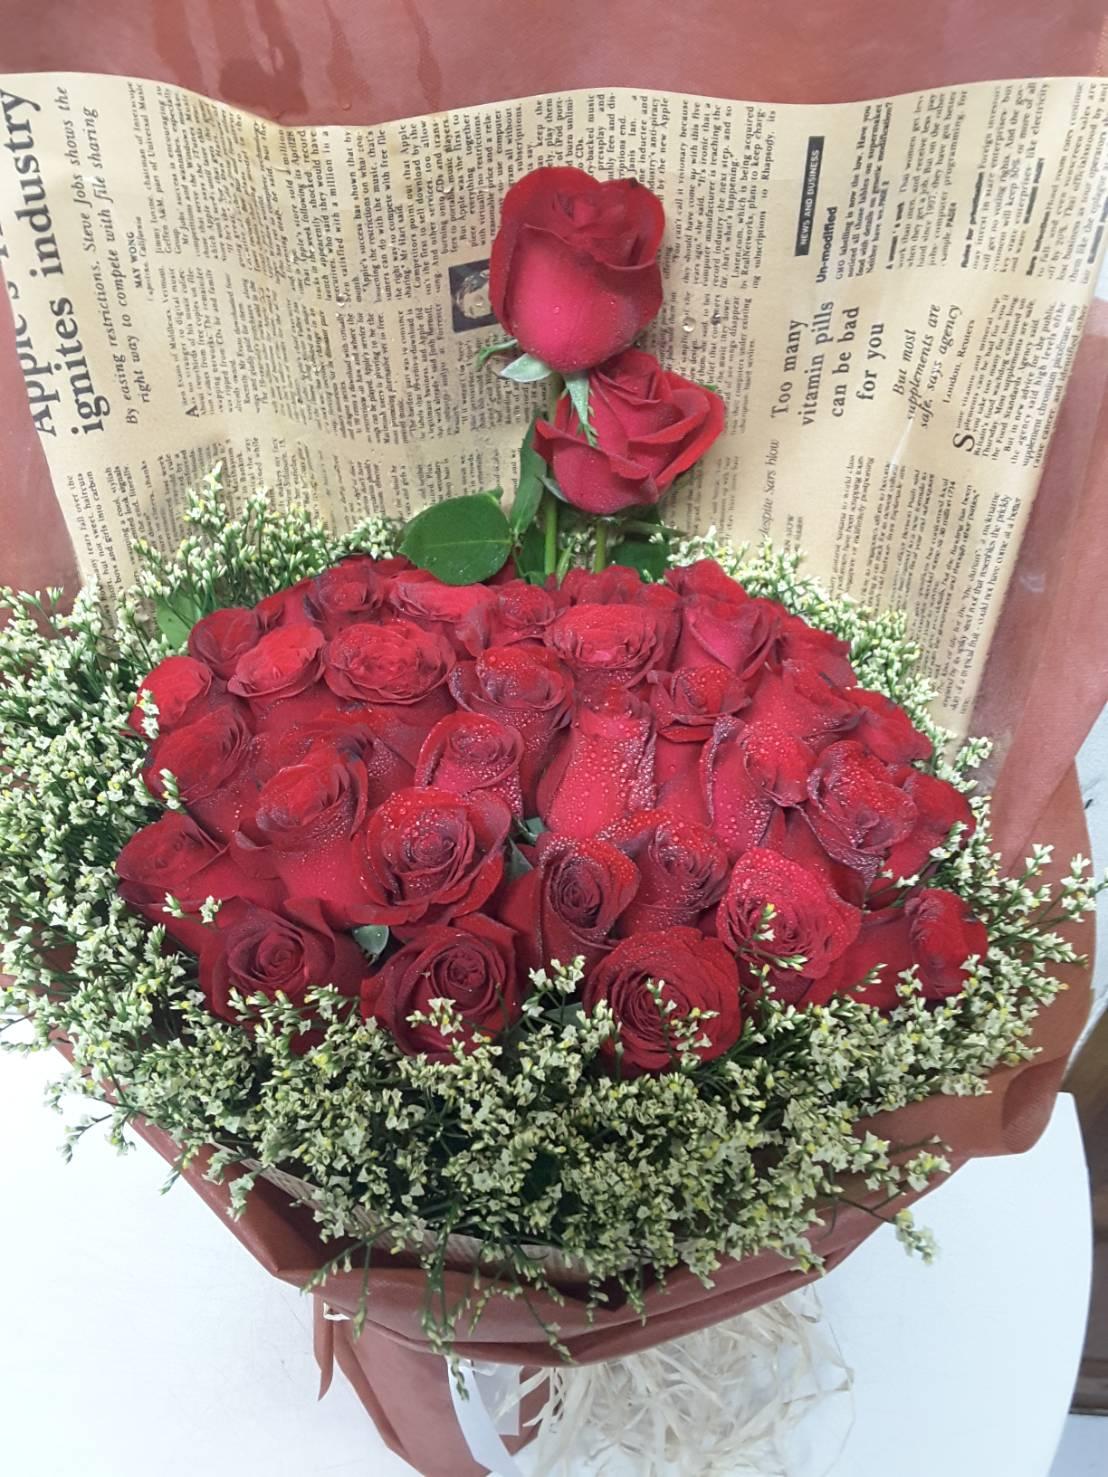 ช่อดอกกุหลาบสีแดง ดอกไม้แห่งความรักและความโรแมนติก